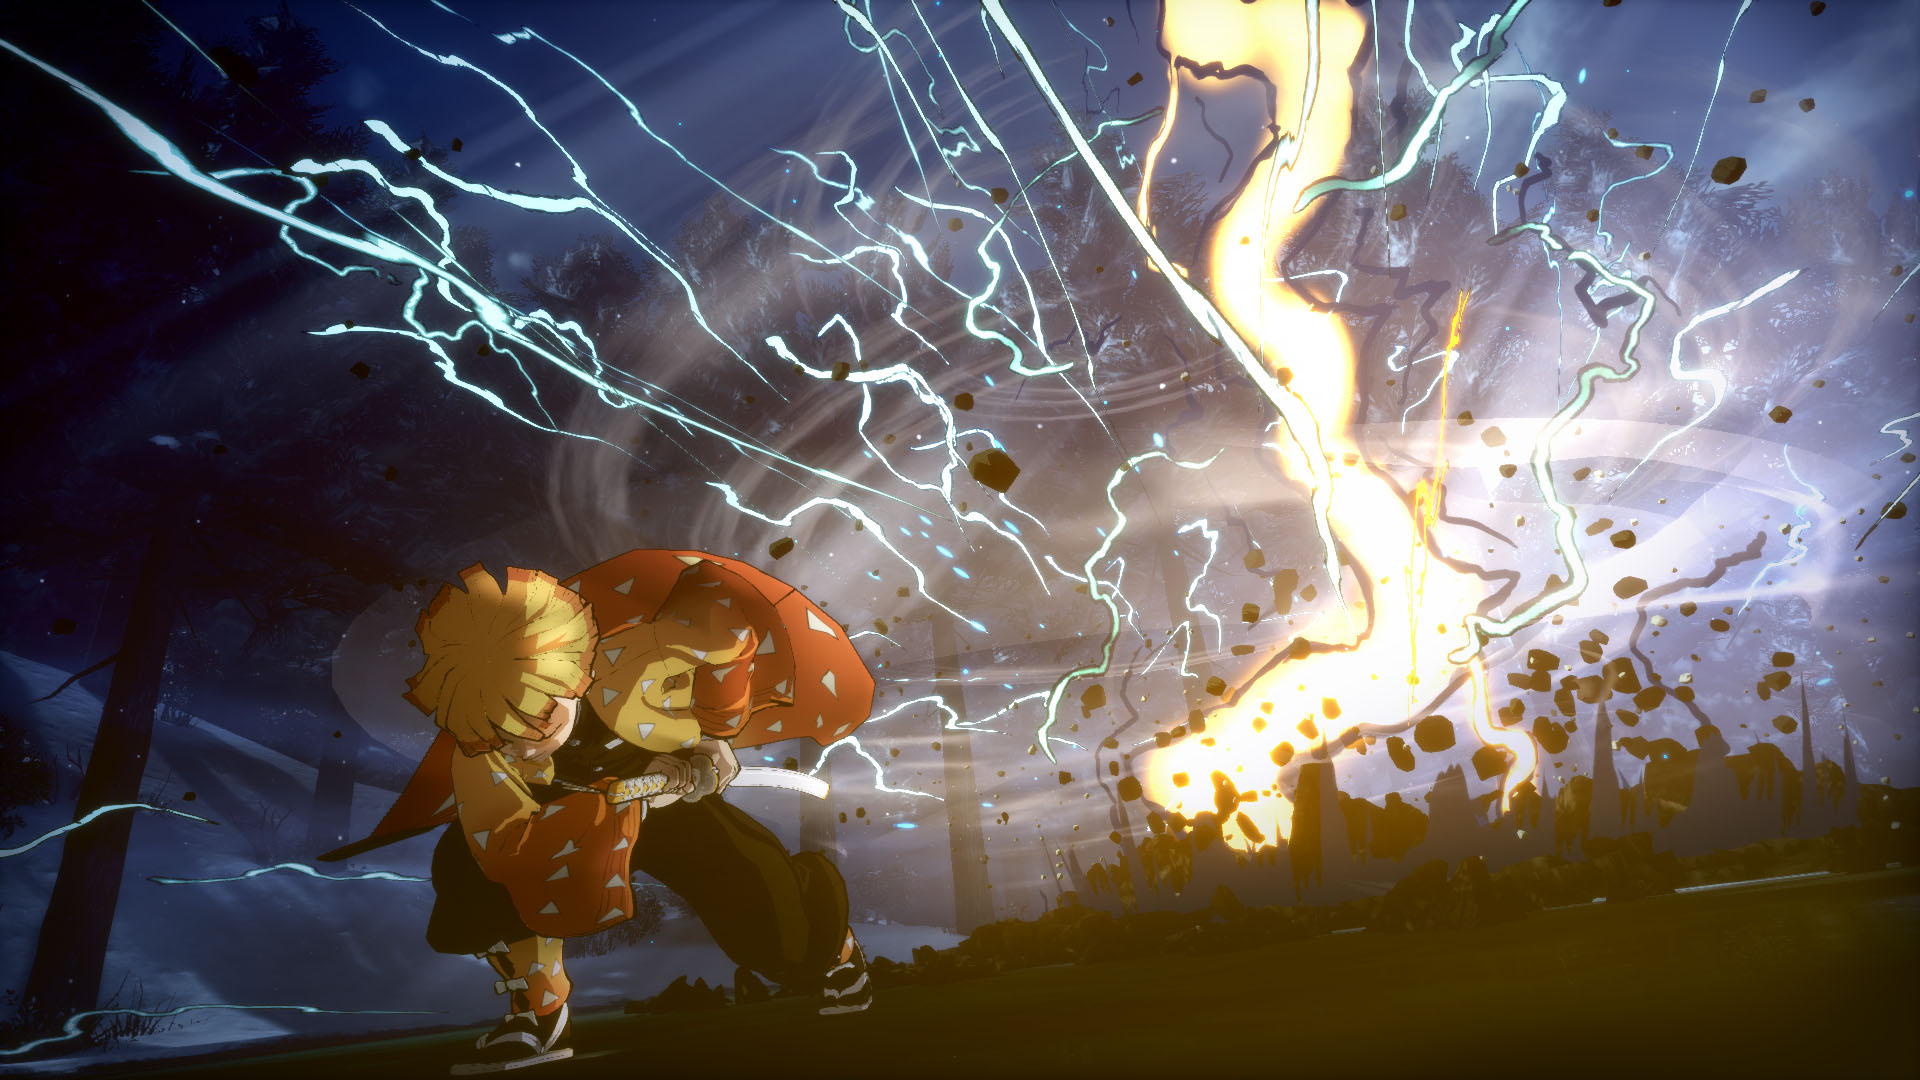 「鬼滅の刃 ヒノカミ血風譚」バーサスモードに善逸&伊之助が参戦!ビジュアル・紹介映像も公開